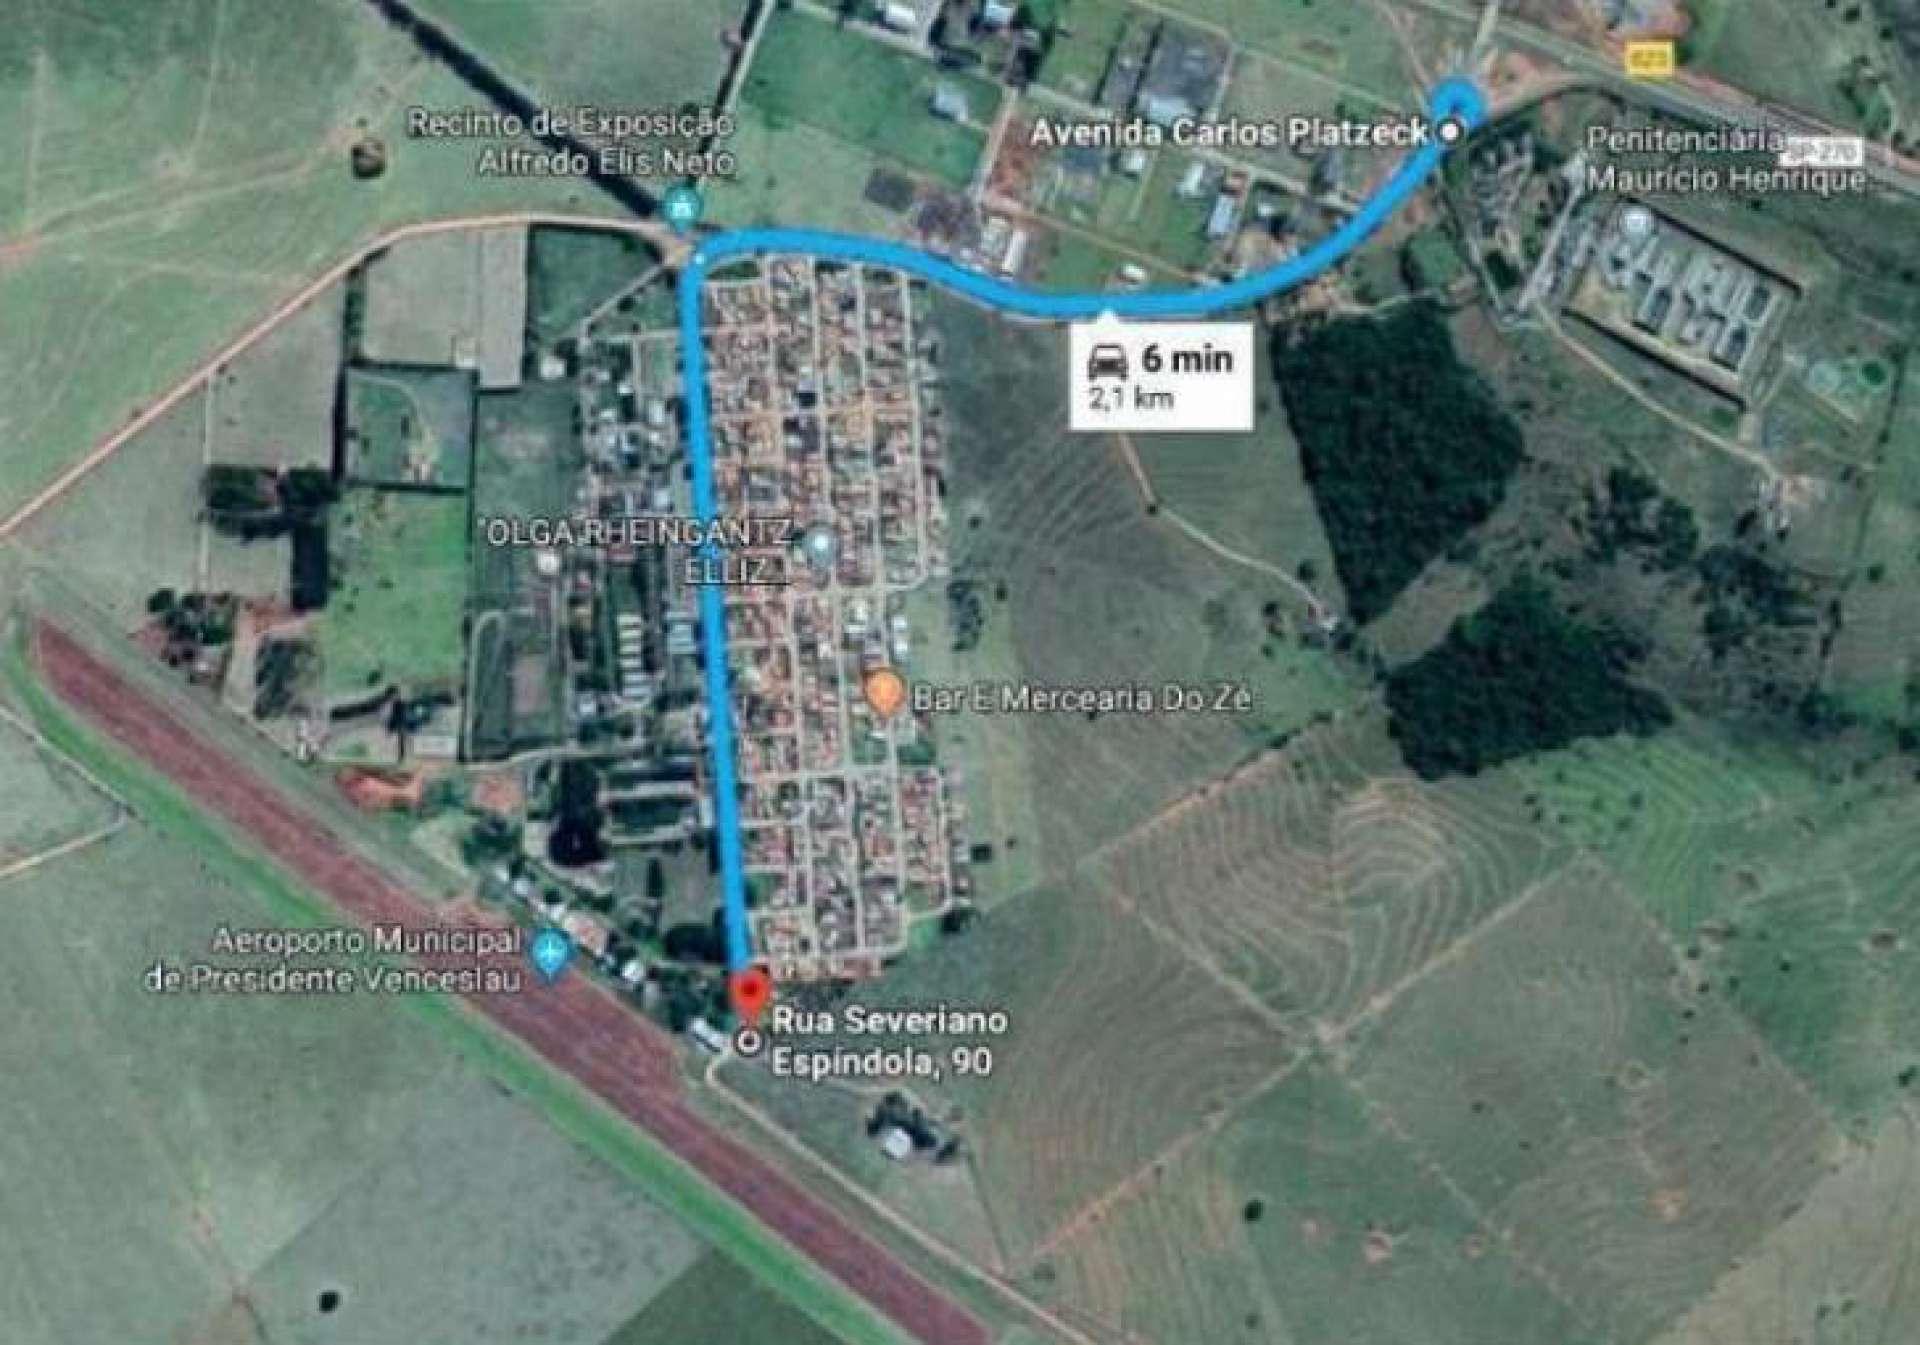 Linha azul, feita pelos investigadores, mostra a distância de 6 km entre a Penitenciária 2 e a pista de pouso que seria usada no plano de fuga de Marcola, em Presidente Venceslau(Foto: REPRODUÇÃO GOOGLE)